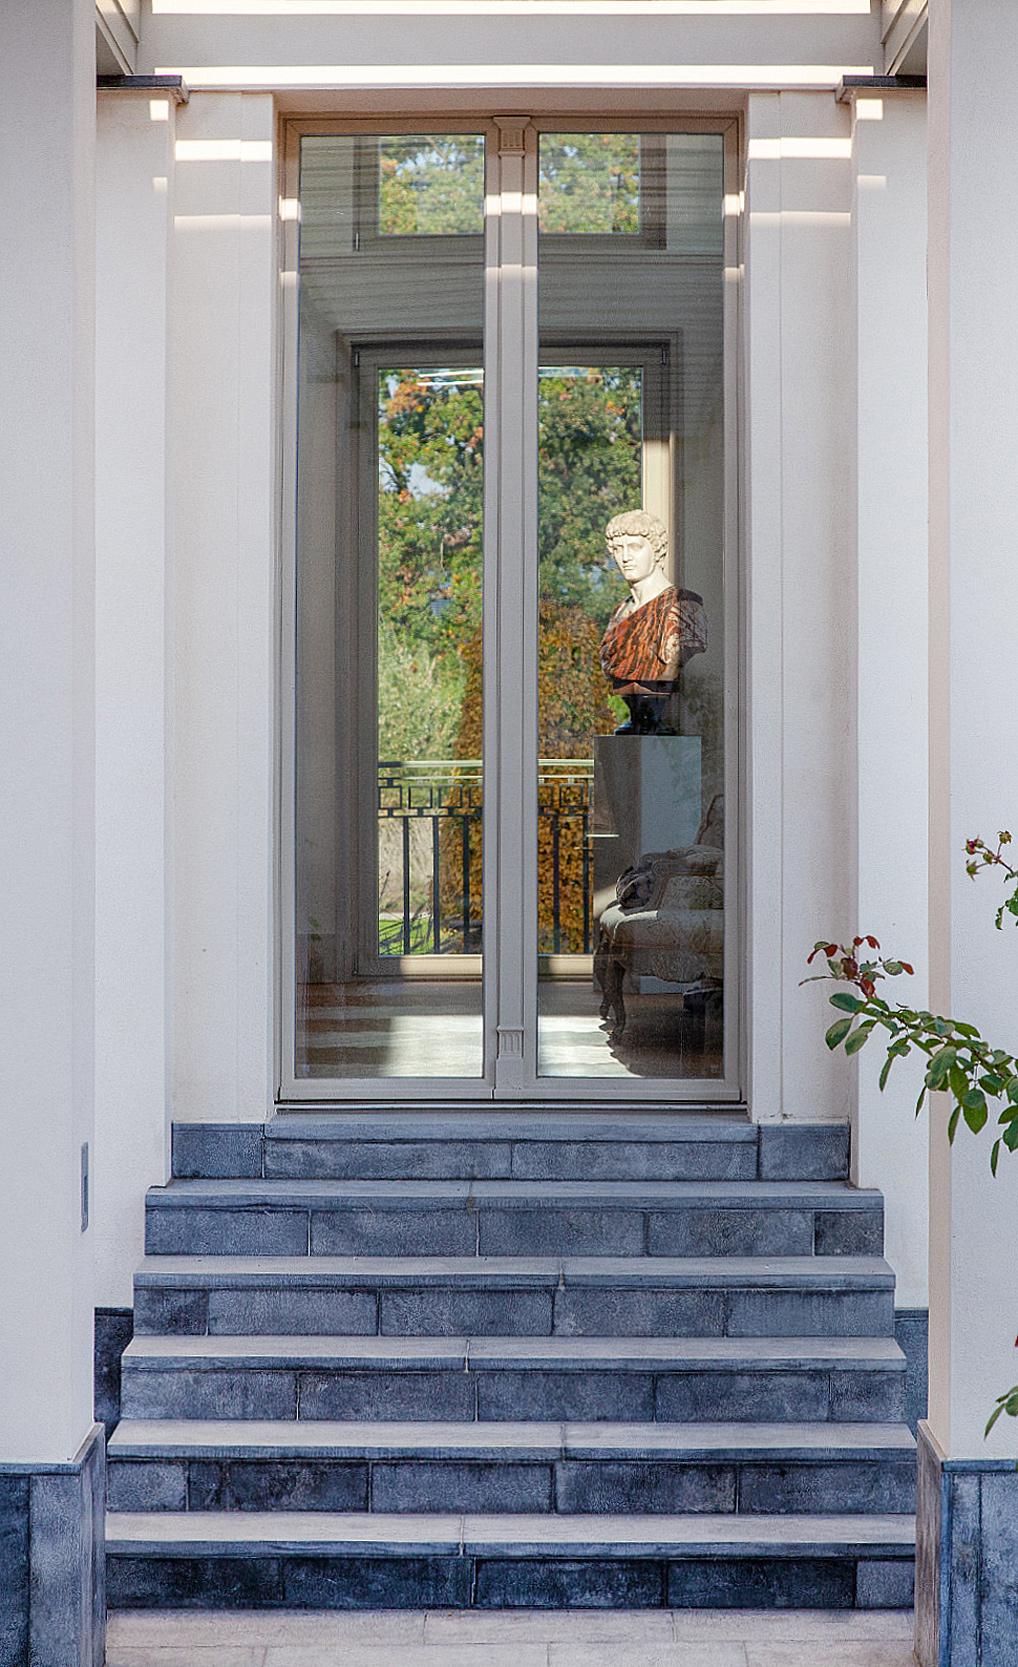 KLASSIK UND TRADITION - Neubau einer klassizistischen Villa - Klassische Architektur-Details erzeugen die Anmutung der Vorbilder der Antike.